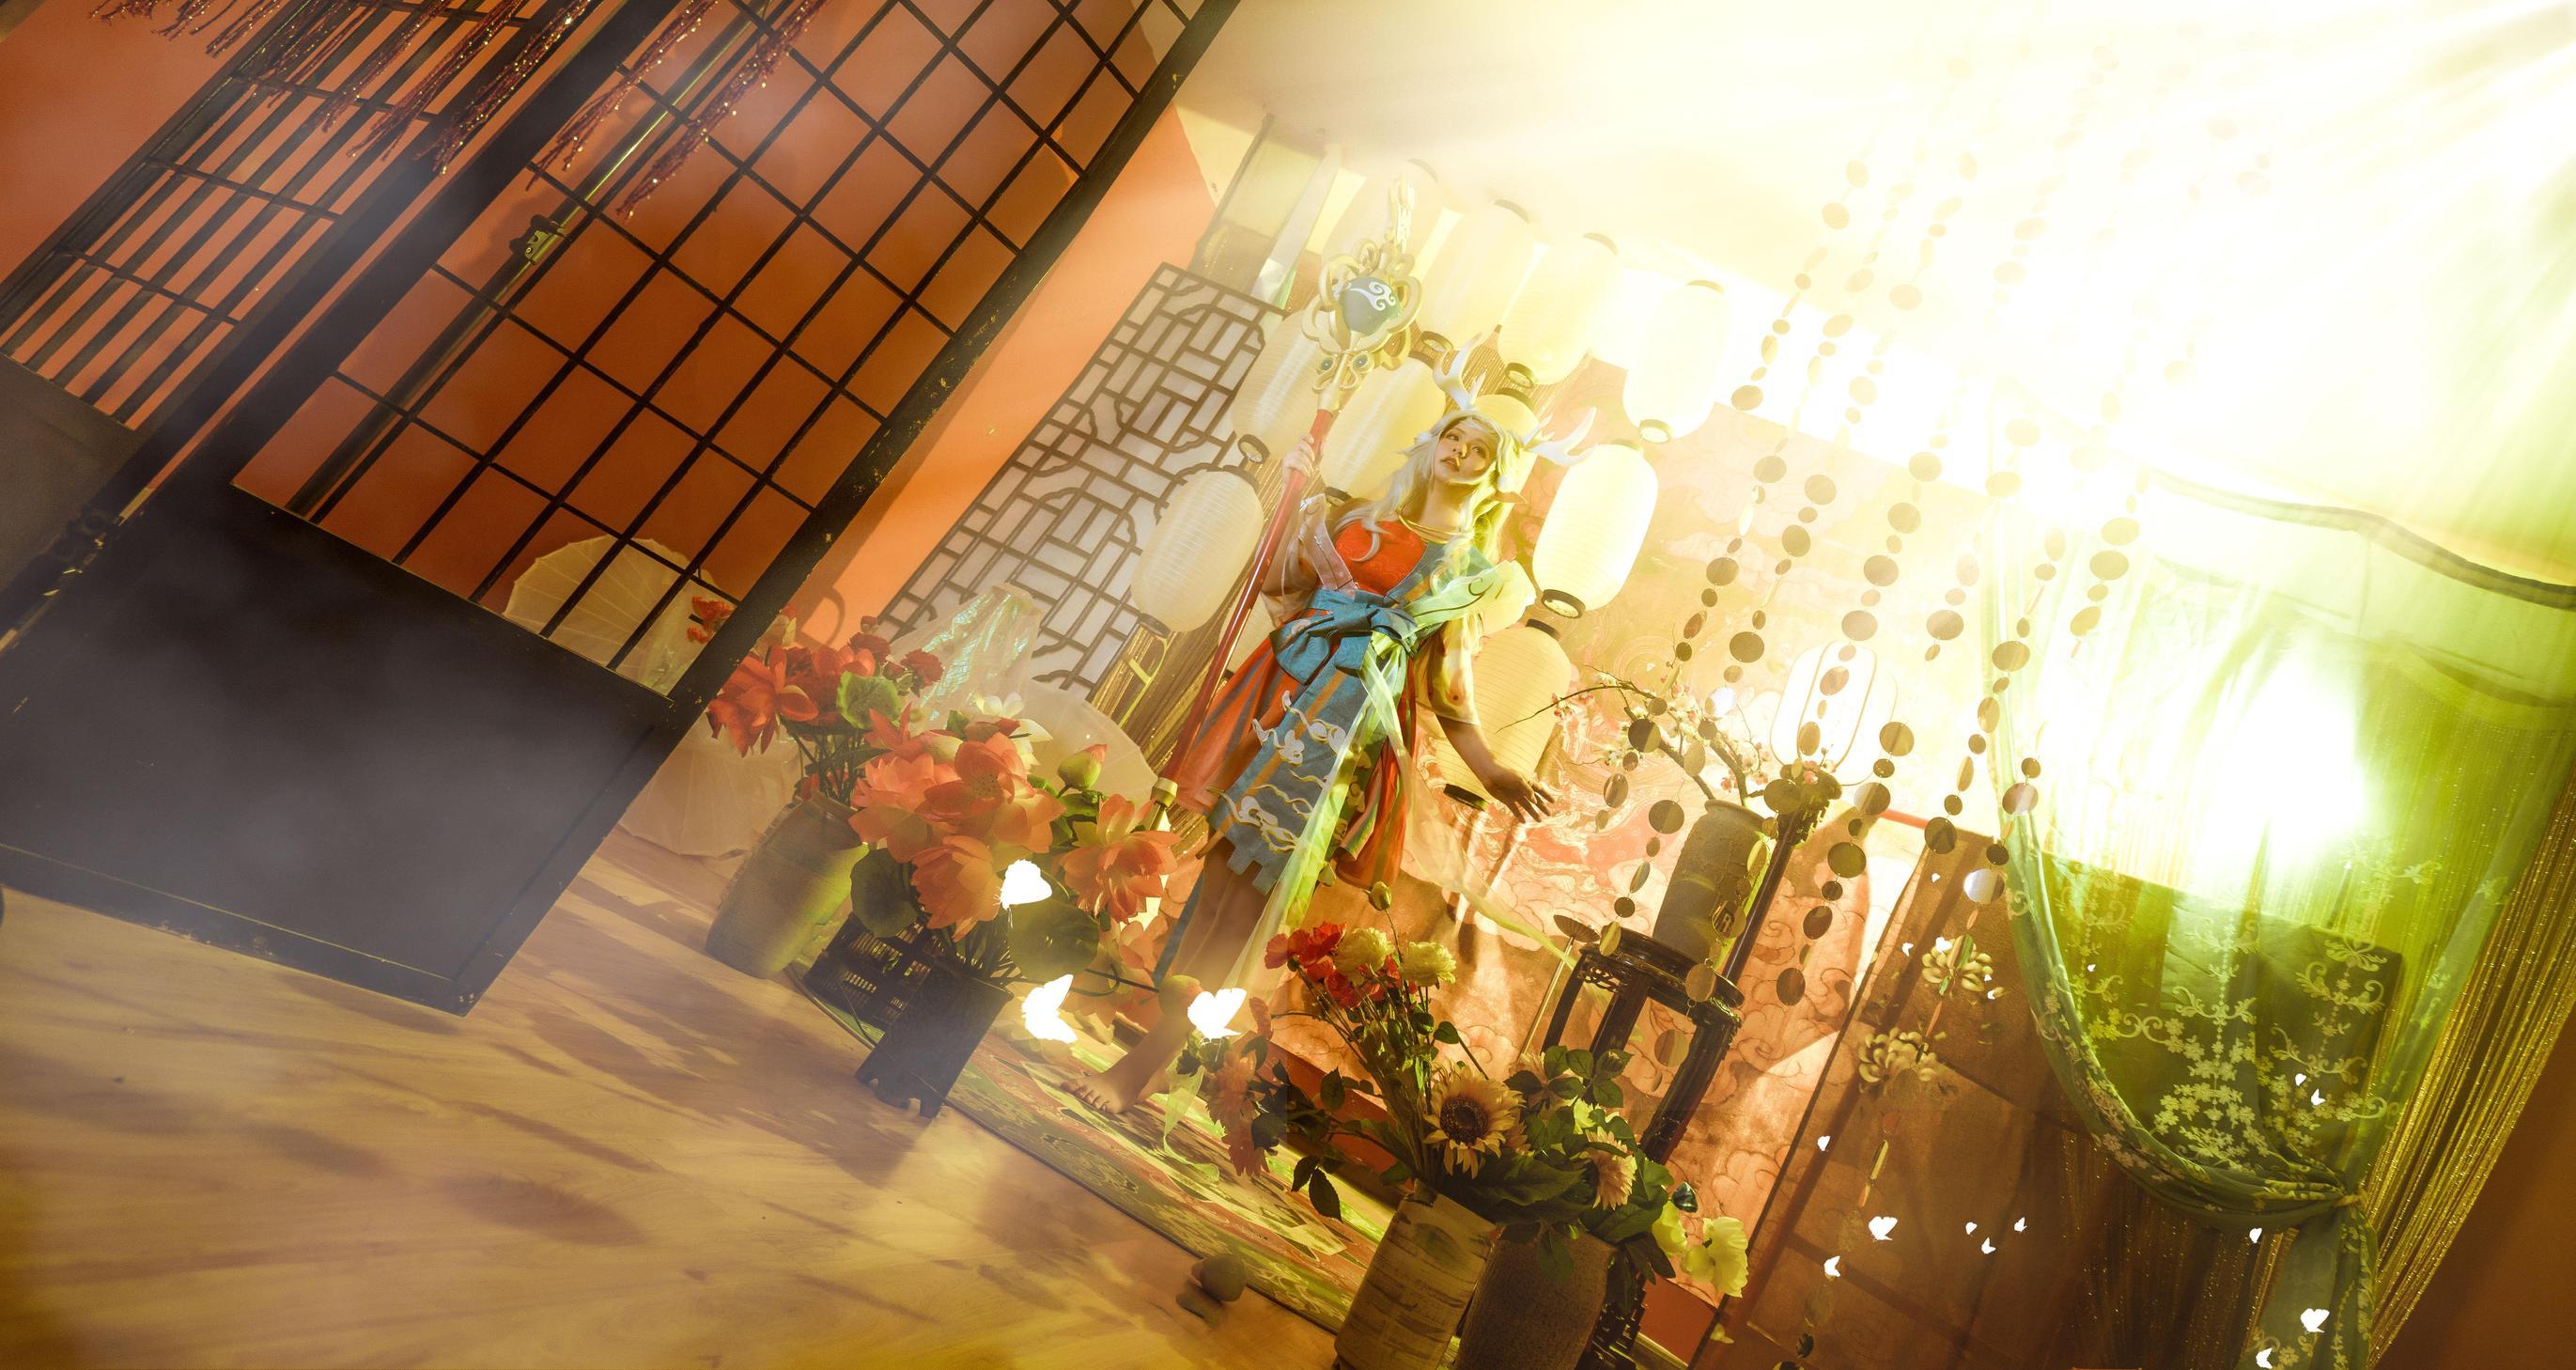 《王者荣耀》王者荣耀瑶cosplay【CN:一小风轻轻的吹一】 -cosplay图片秦时明月插图